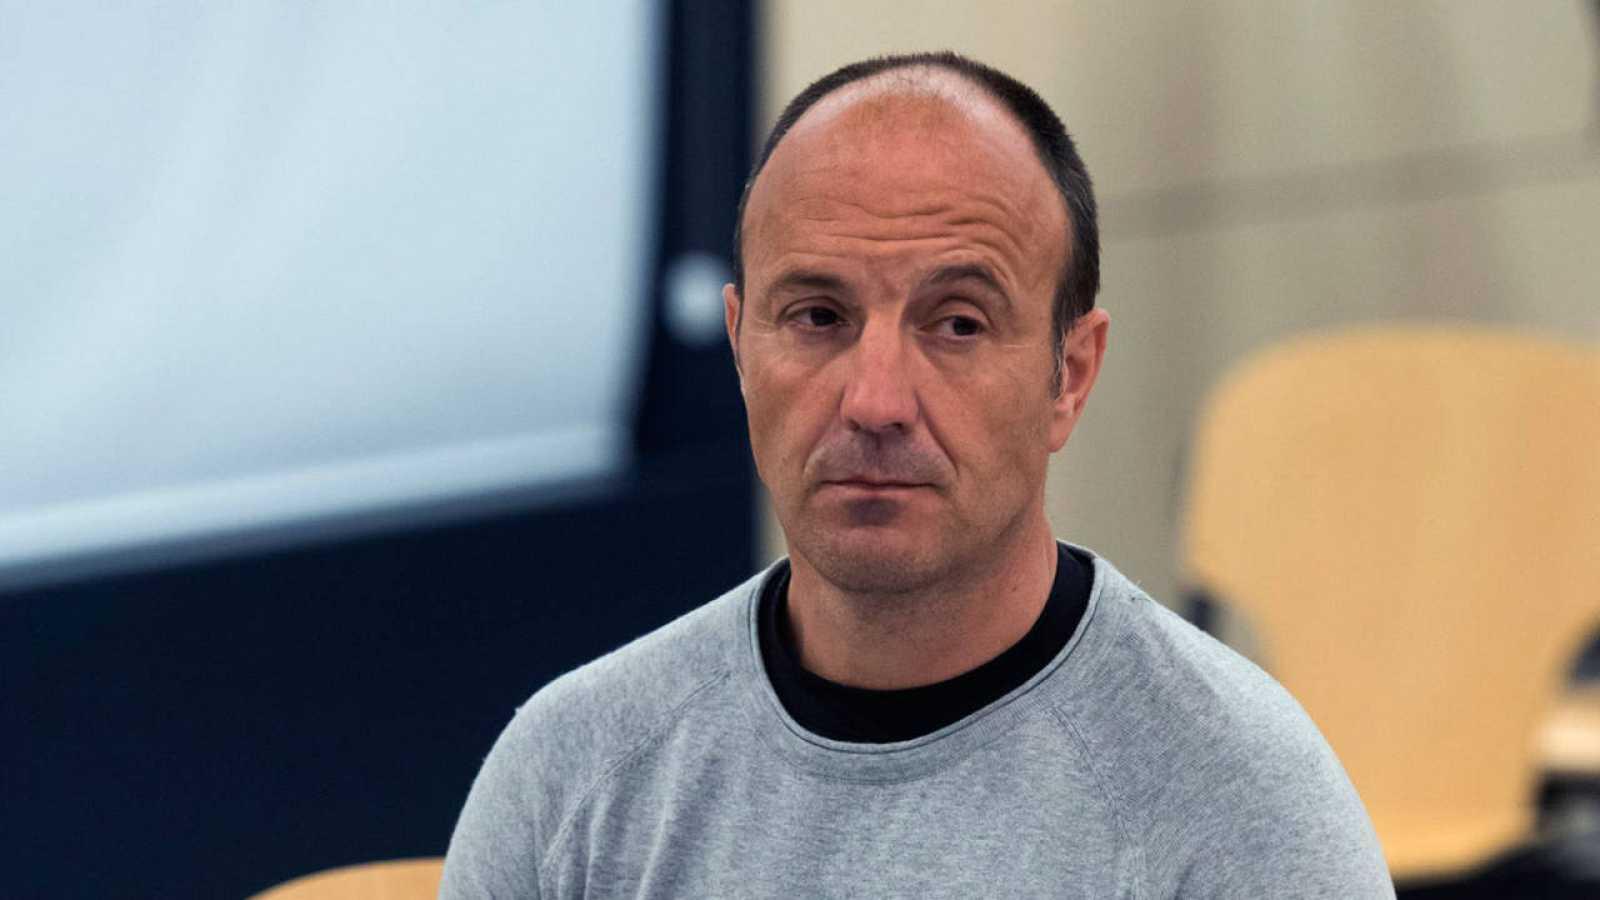 El presunto etarra Tomás Madina alias Basurde durante el juicio en el que se le acusa de planear el asesinato de Patxi López